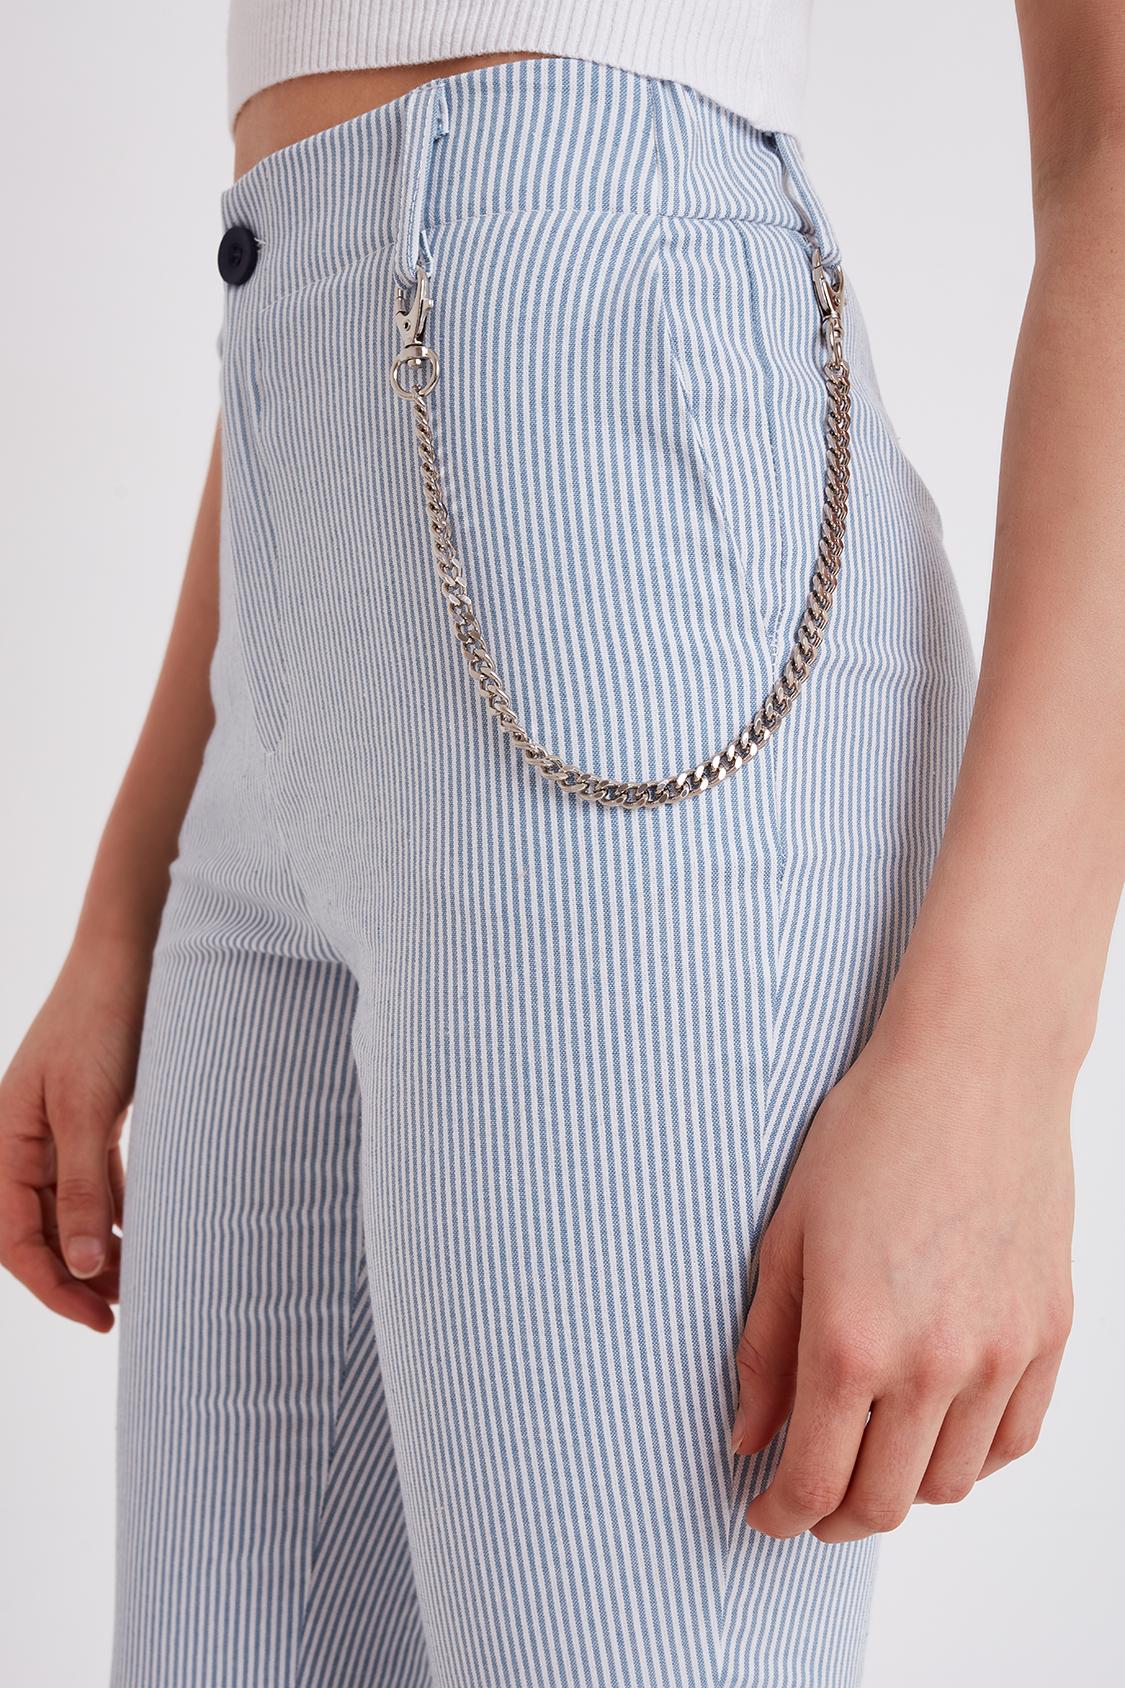 Pantalones de rayas con cadena